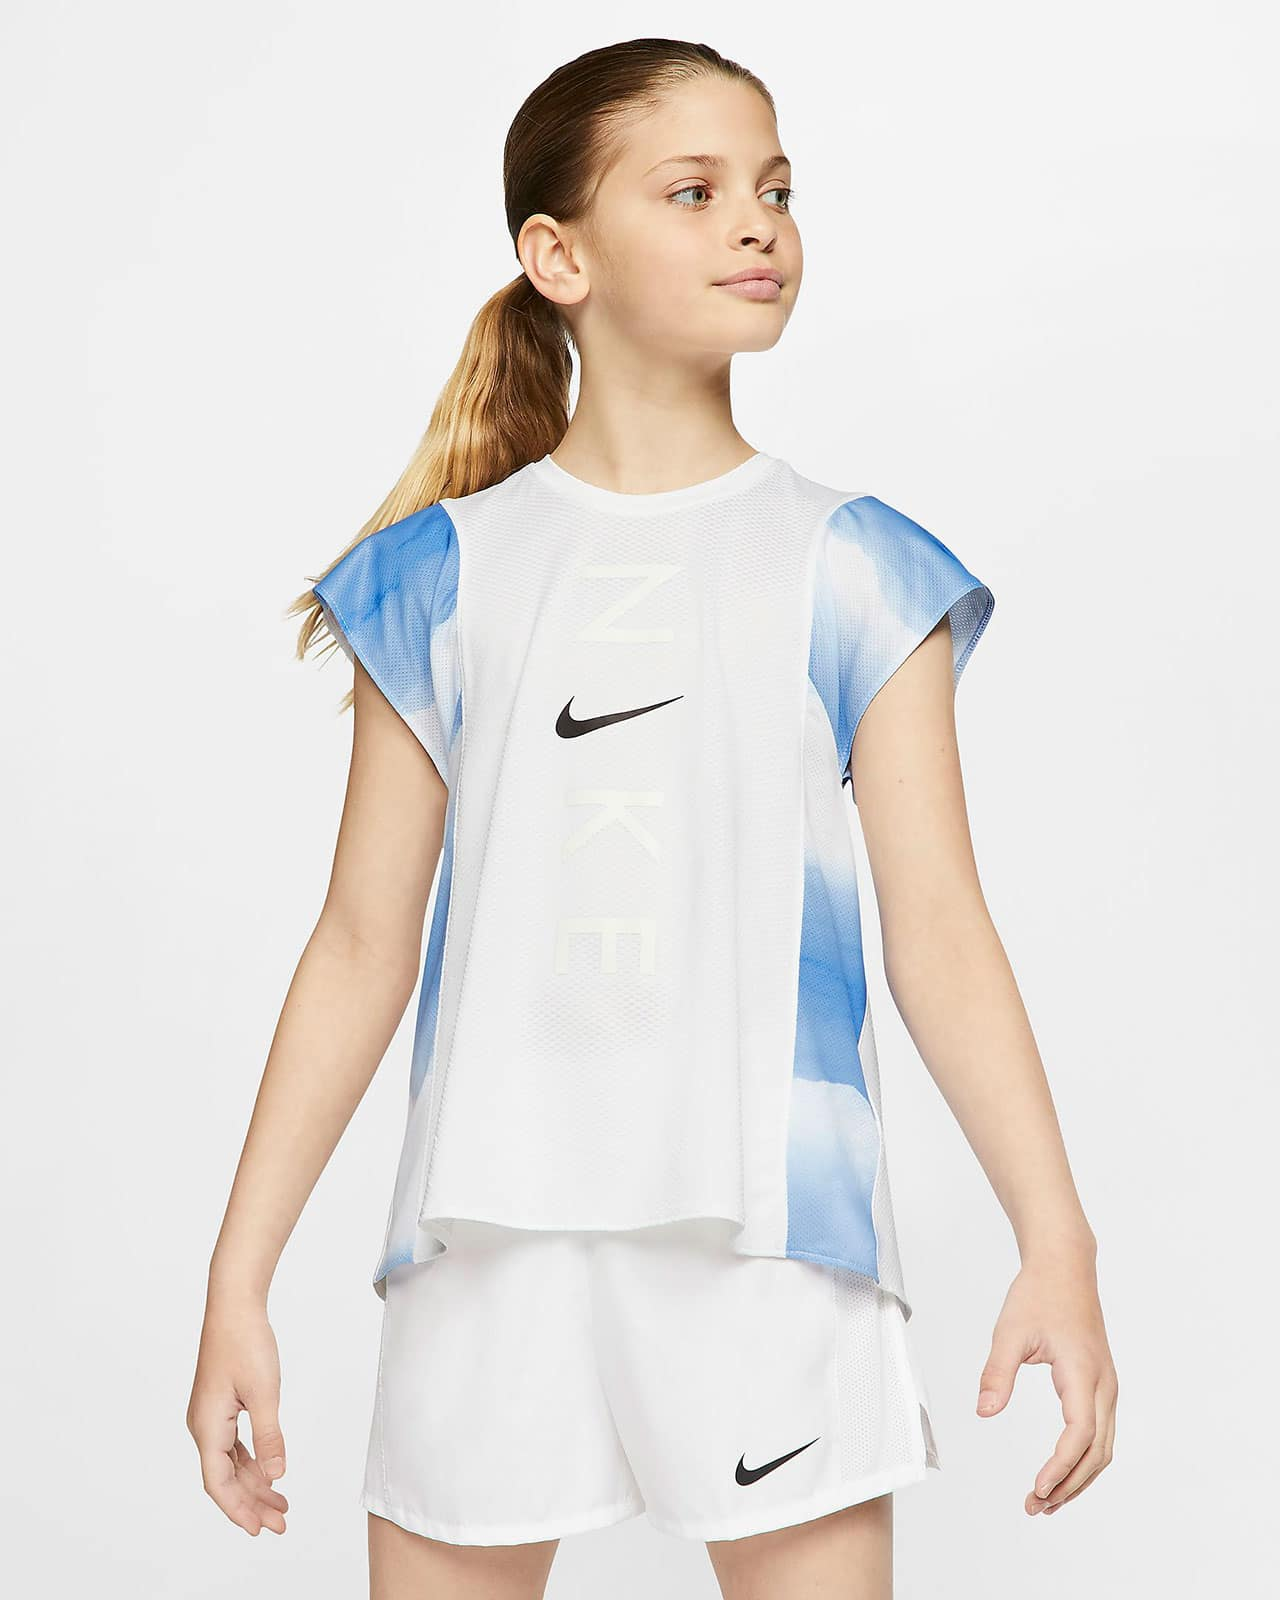 Футболка Nike для тренинга